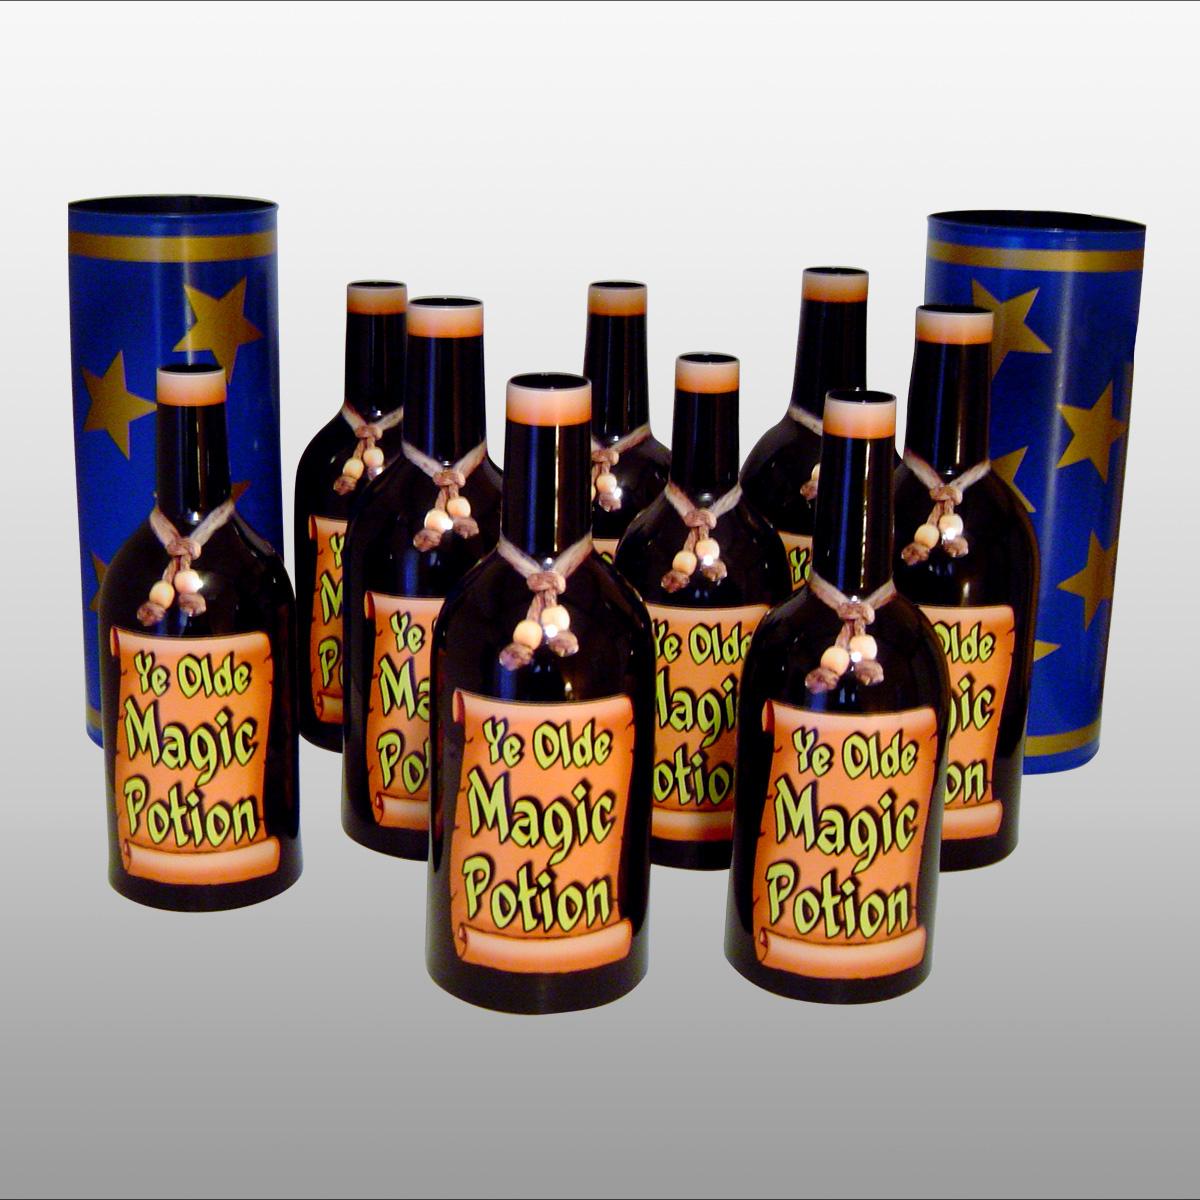 Merlin's Multiplying Bottles